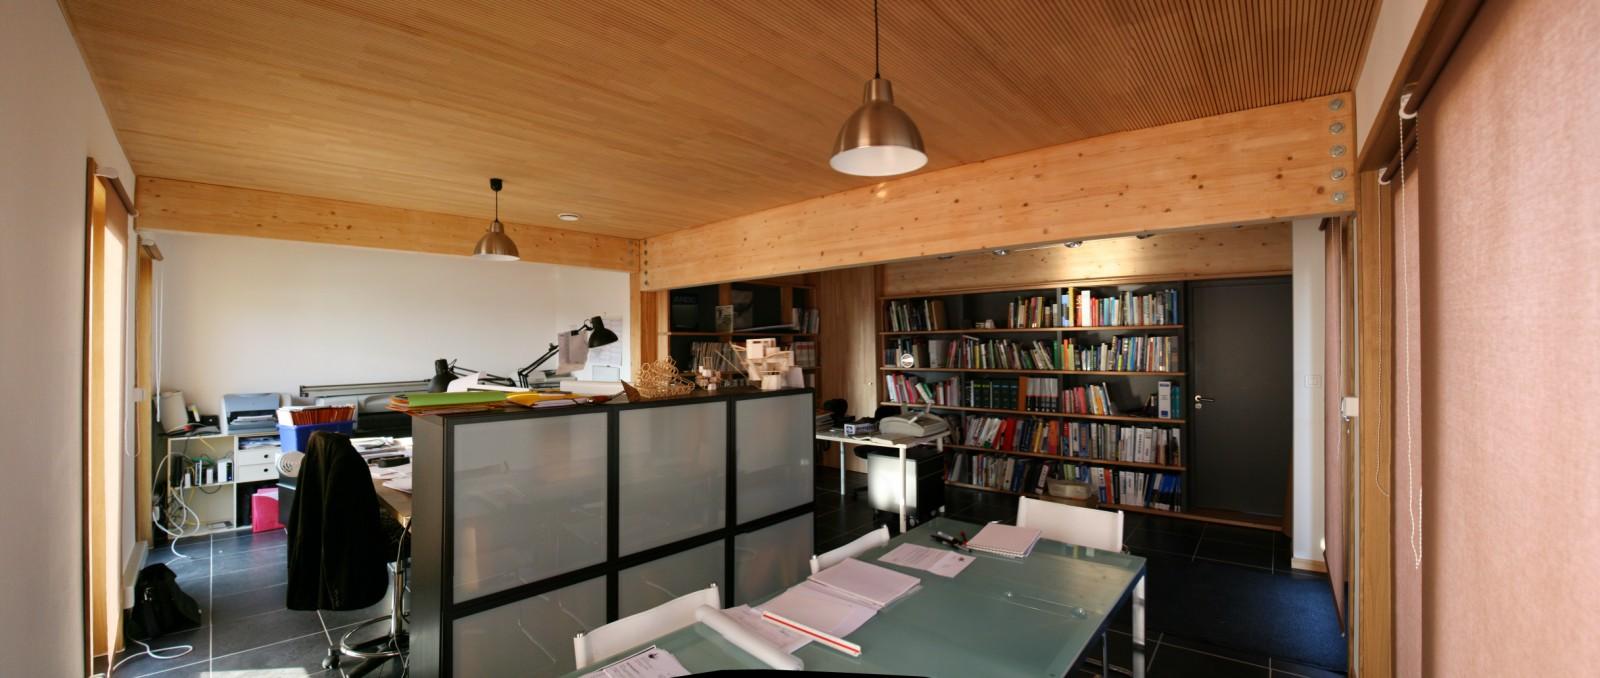 maison ossature bois mob nord pas de calais. Black Bedroom Furniture Sets. Home Design Ideas